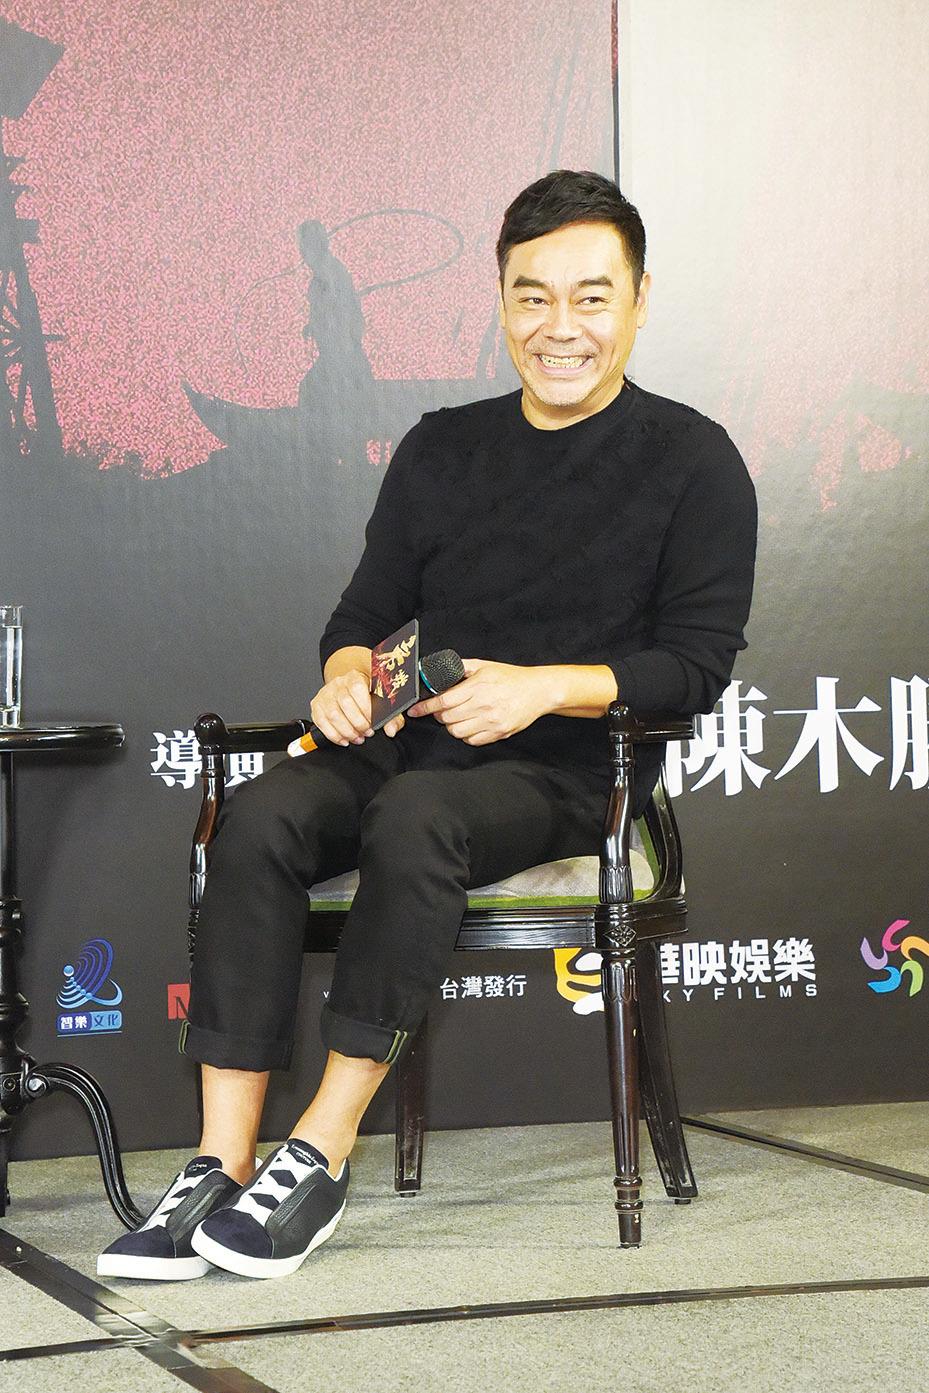 劉青雲搞笑說,像《廉政風雲 煙幕》這種深層次的戲很適合他演。(黃宗茂/大紀元資料照片)